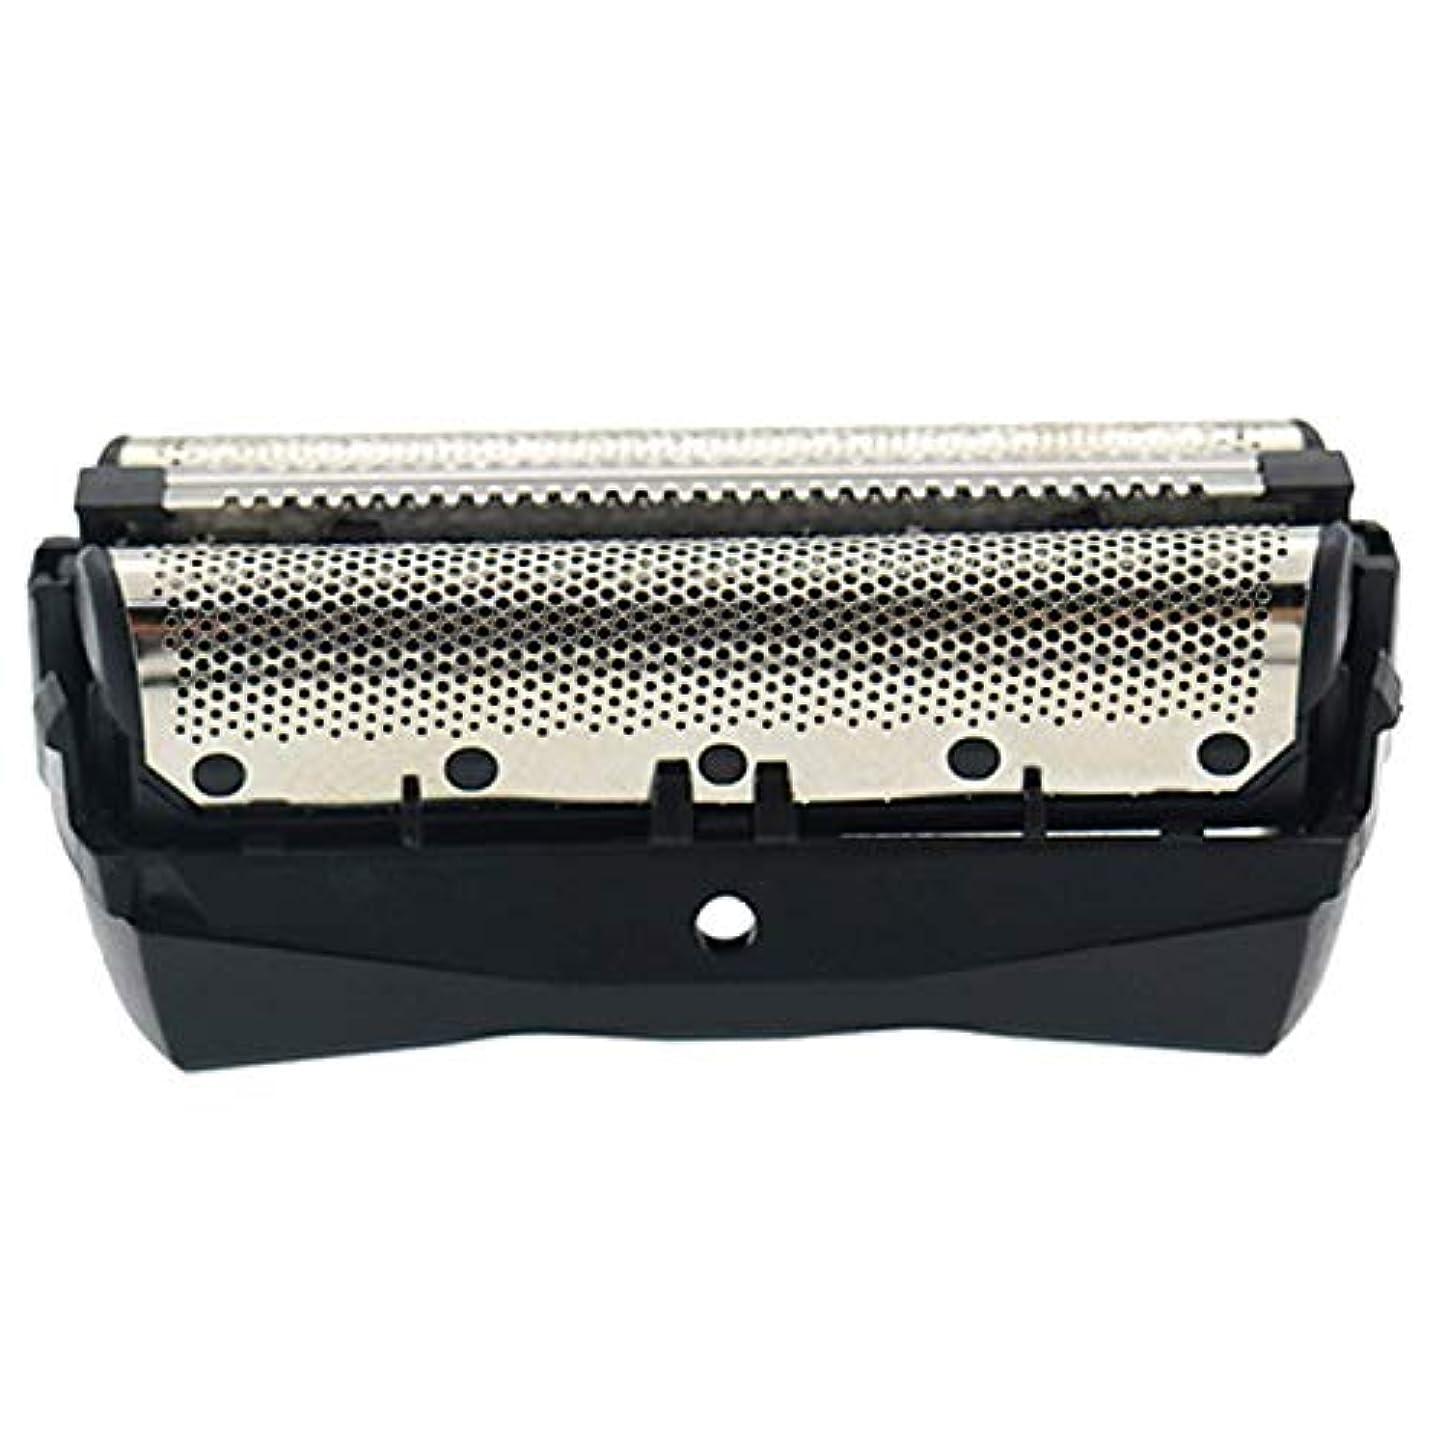 要旨まぶしさ規定VINFANY メンズシェーバー用替刃(外刃) 適用する フィリップスQC5550用交換シェーバーフォイル/カッターユニットシェーバーヘッドQC5580メンズトリマー用回転ブレード